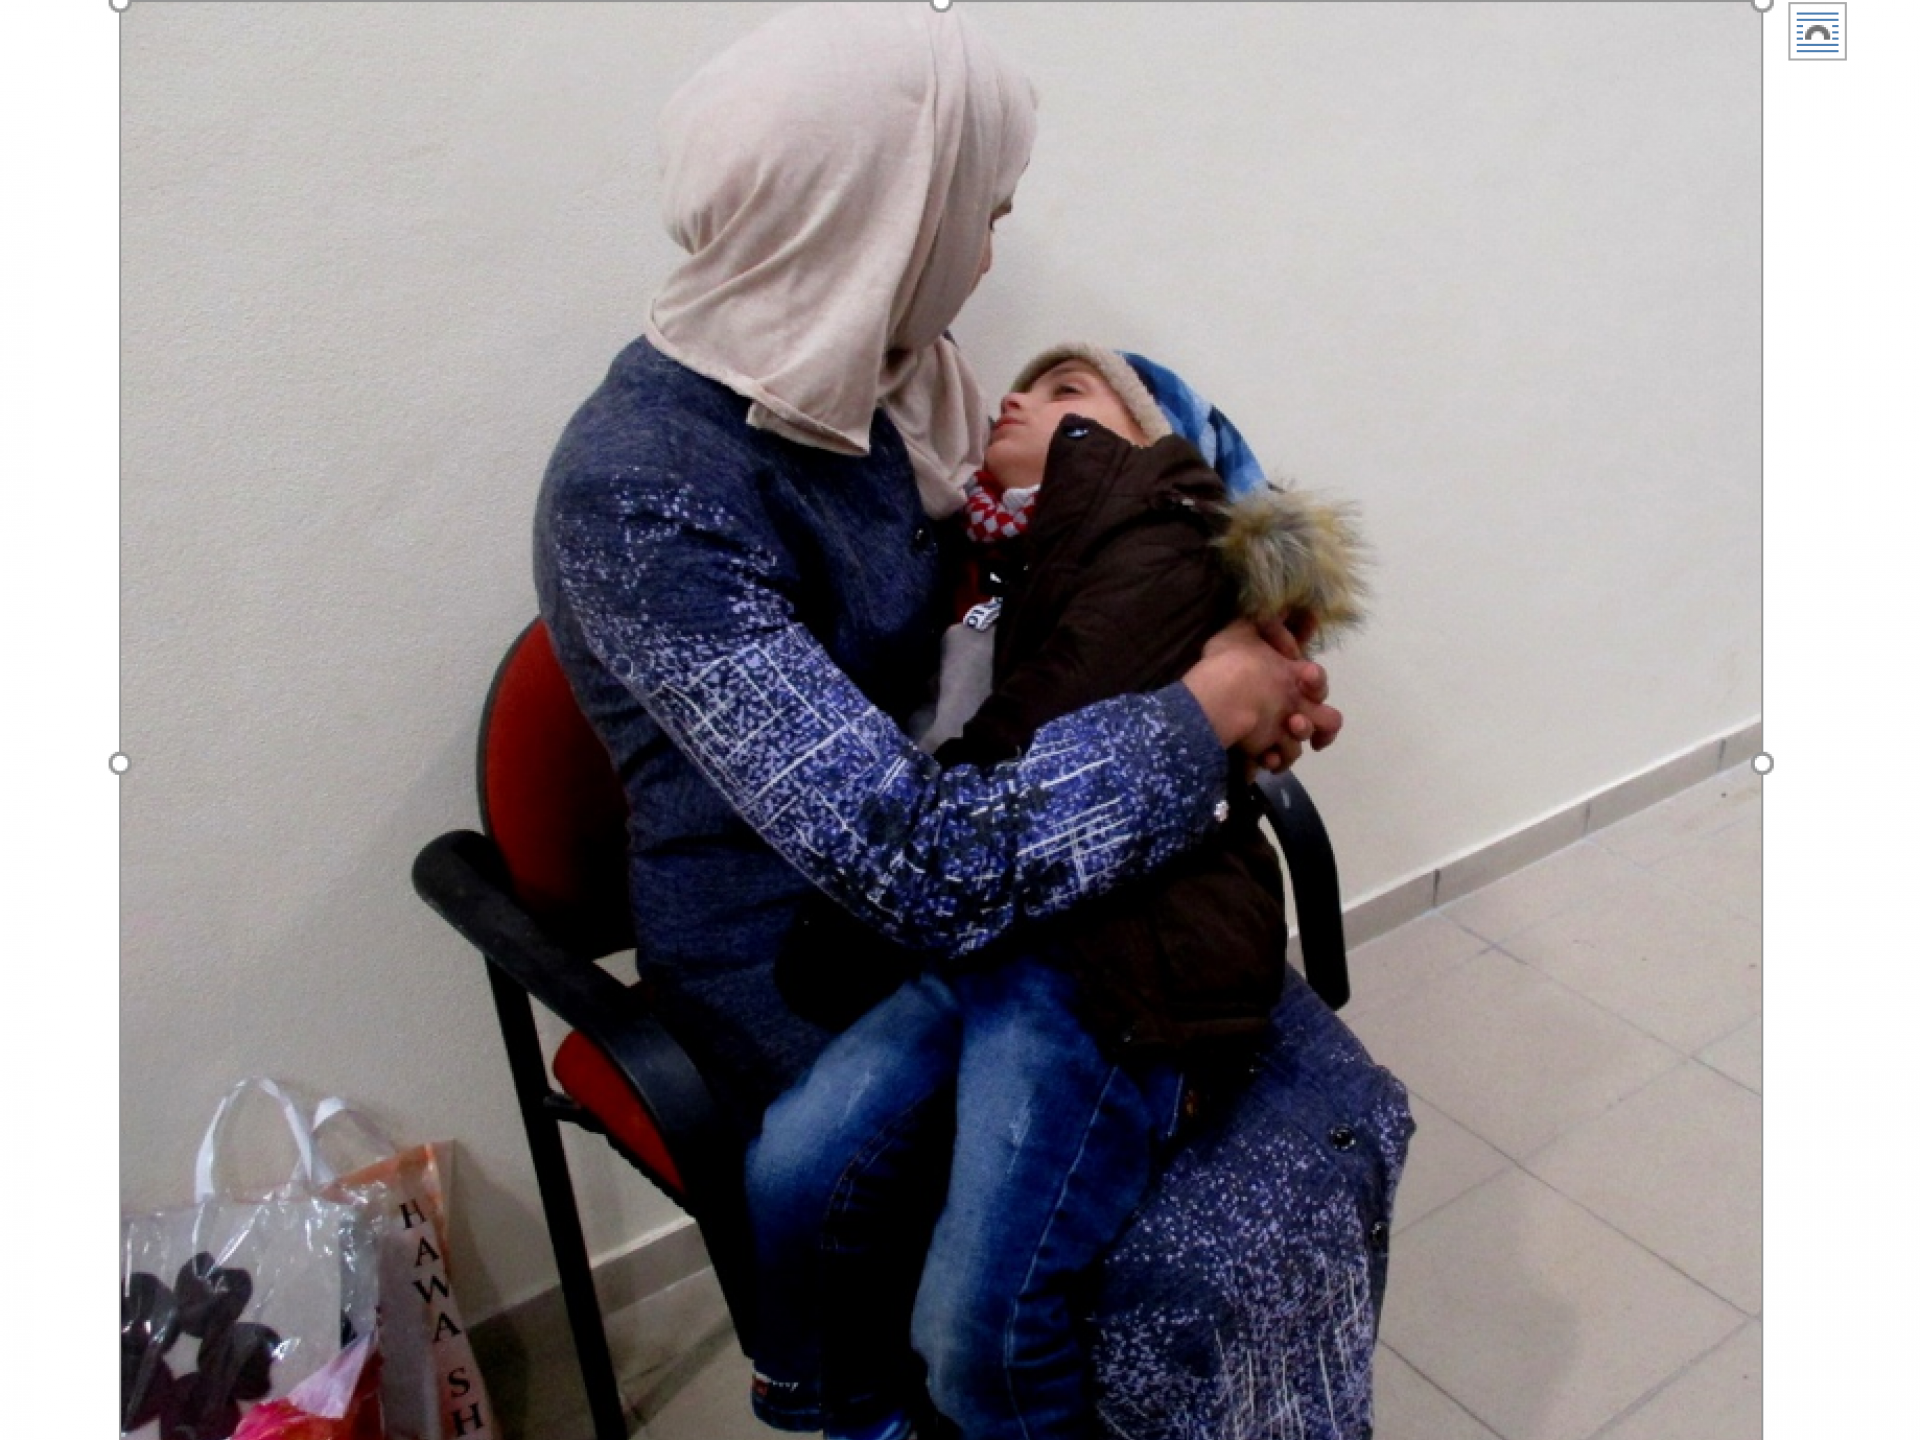 אם ובנה בדרך הביתה לעזה מבית החולים בחברון